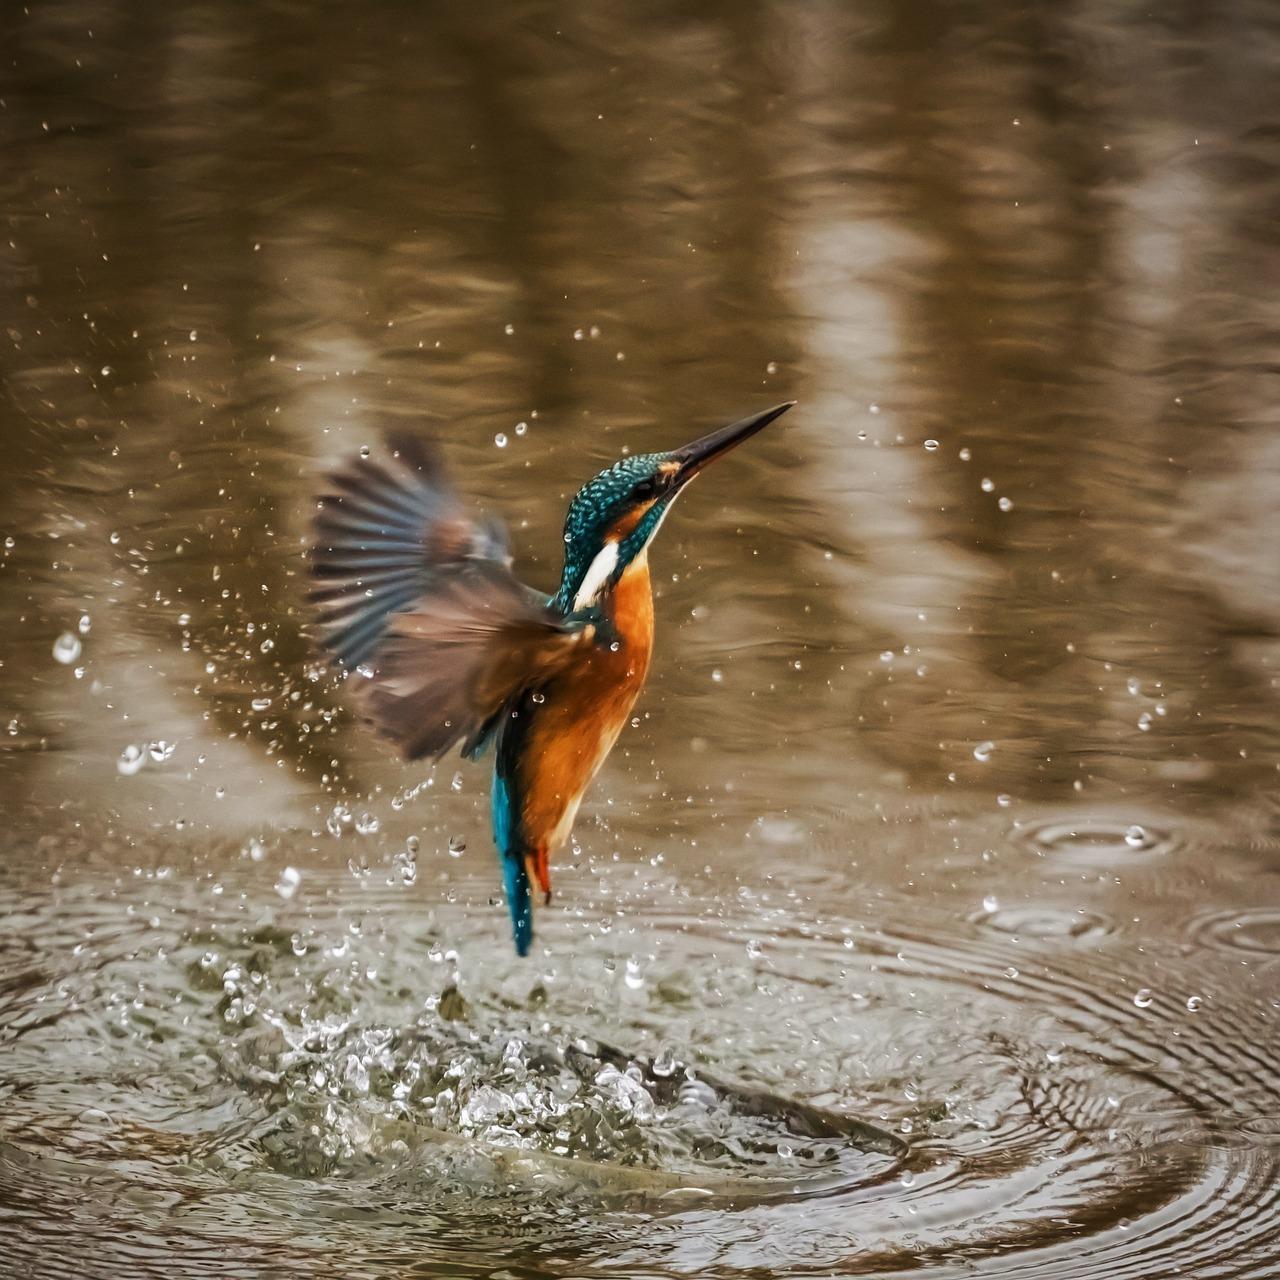 kingfisher-1068684_1280